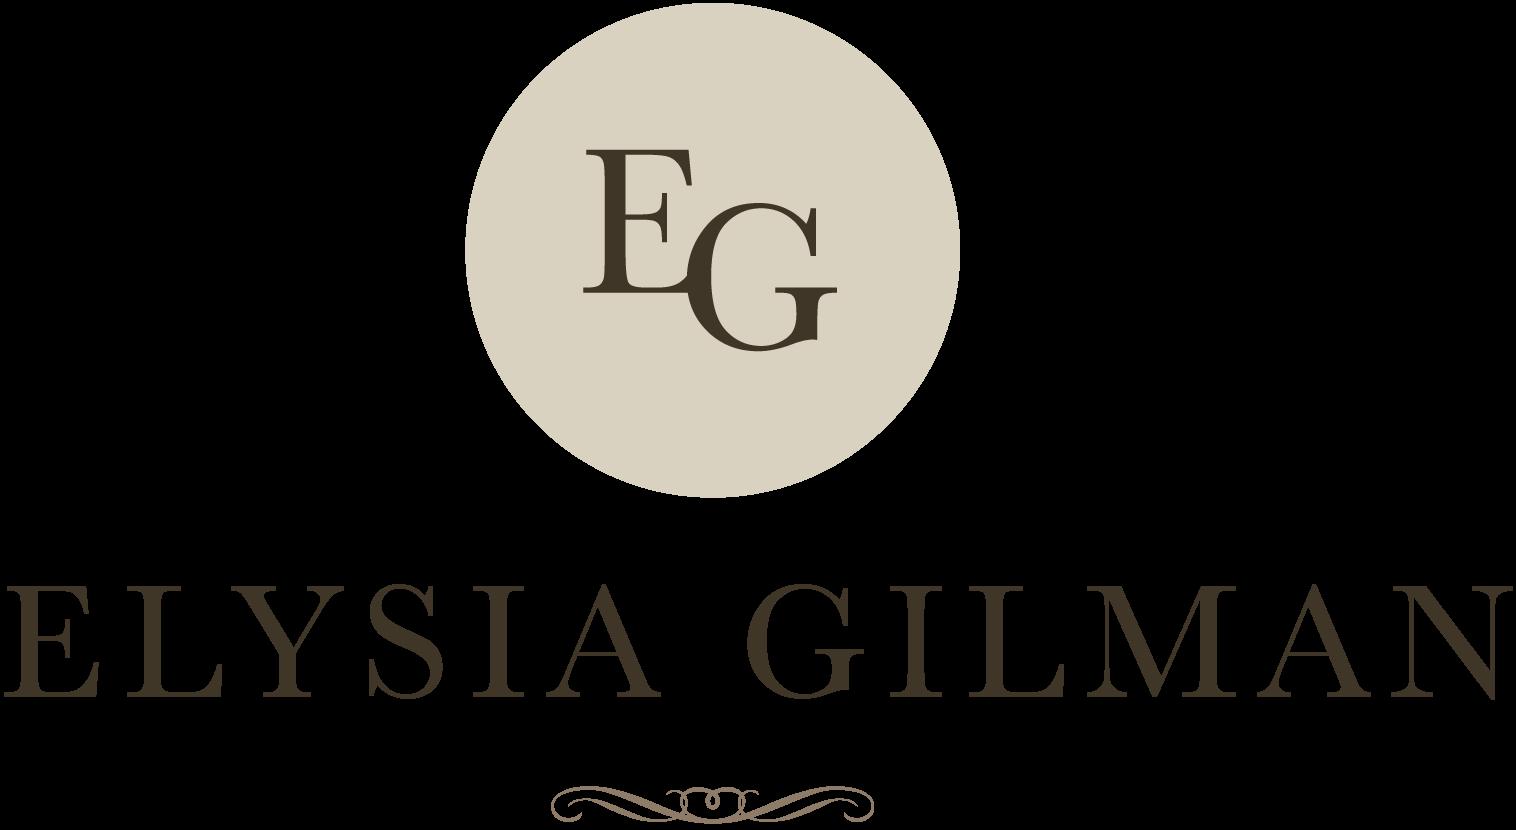 Elysia Gilman